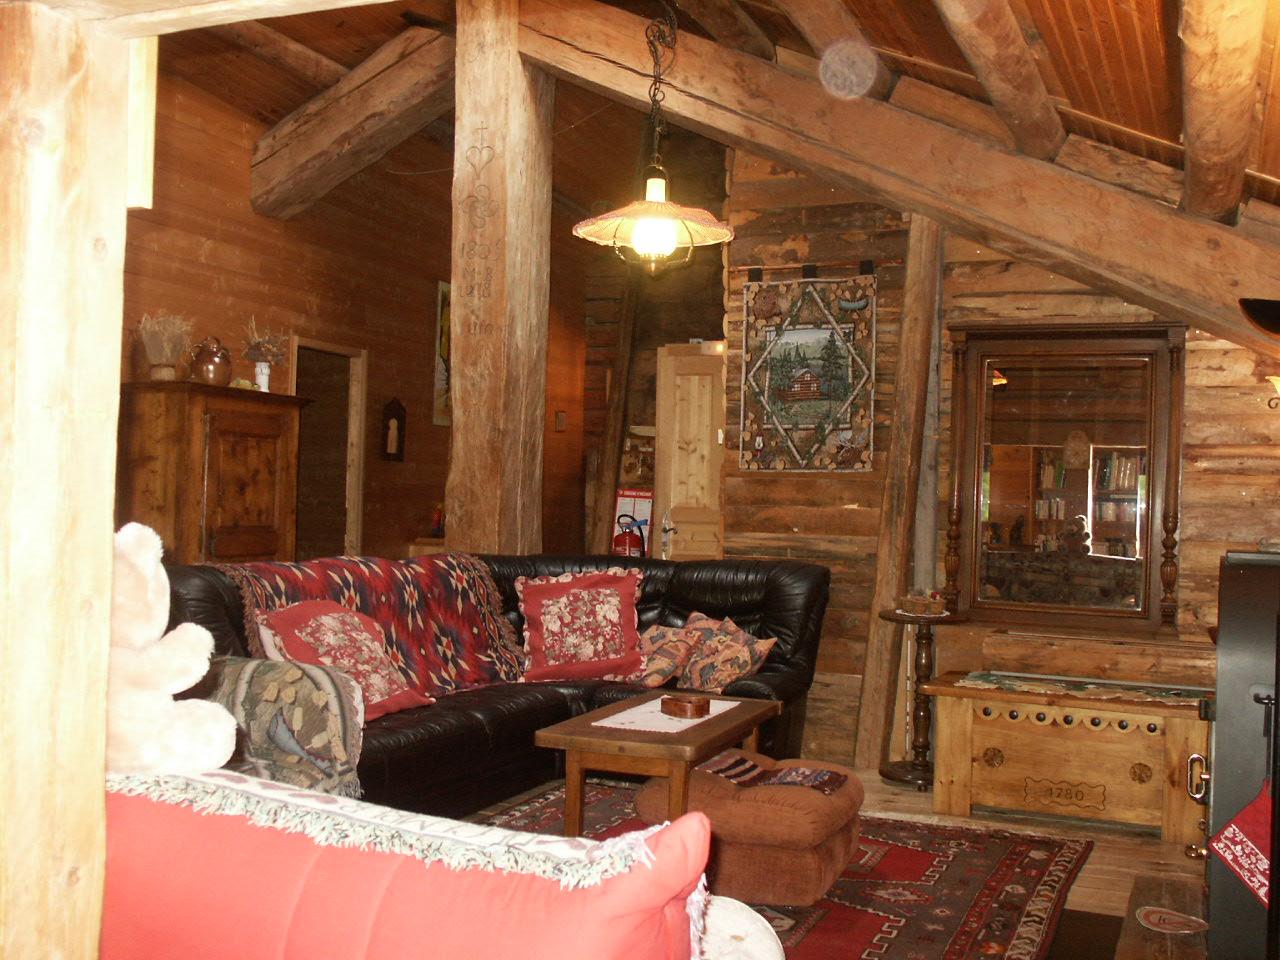 La bournerie ancienne ferme savoyarde datant de 1805 la bournerie vous propose 5 chambres d - Chambres d hotes le grand bornand ...